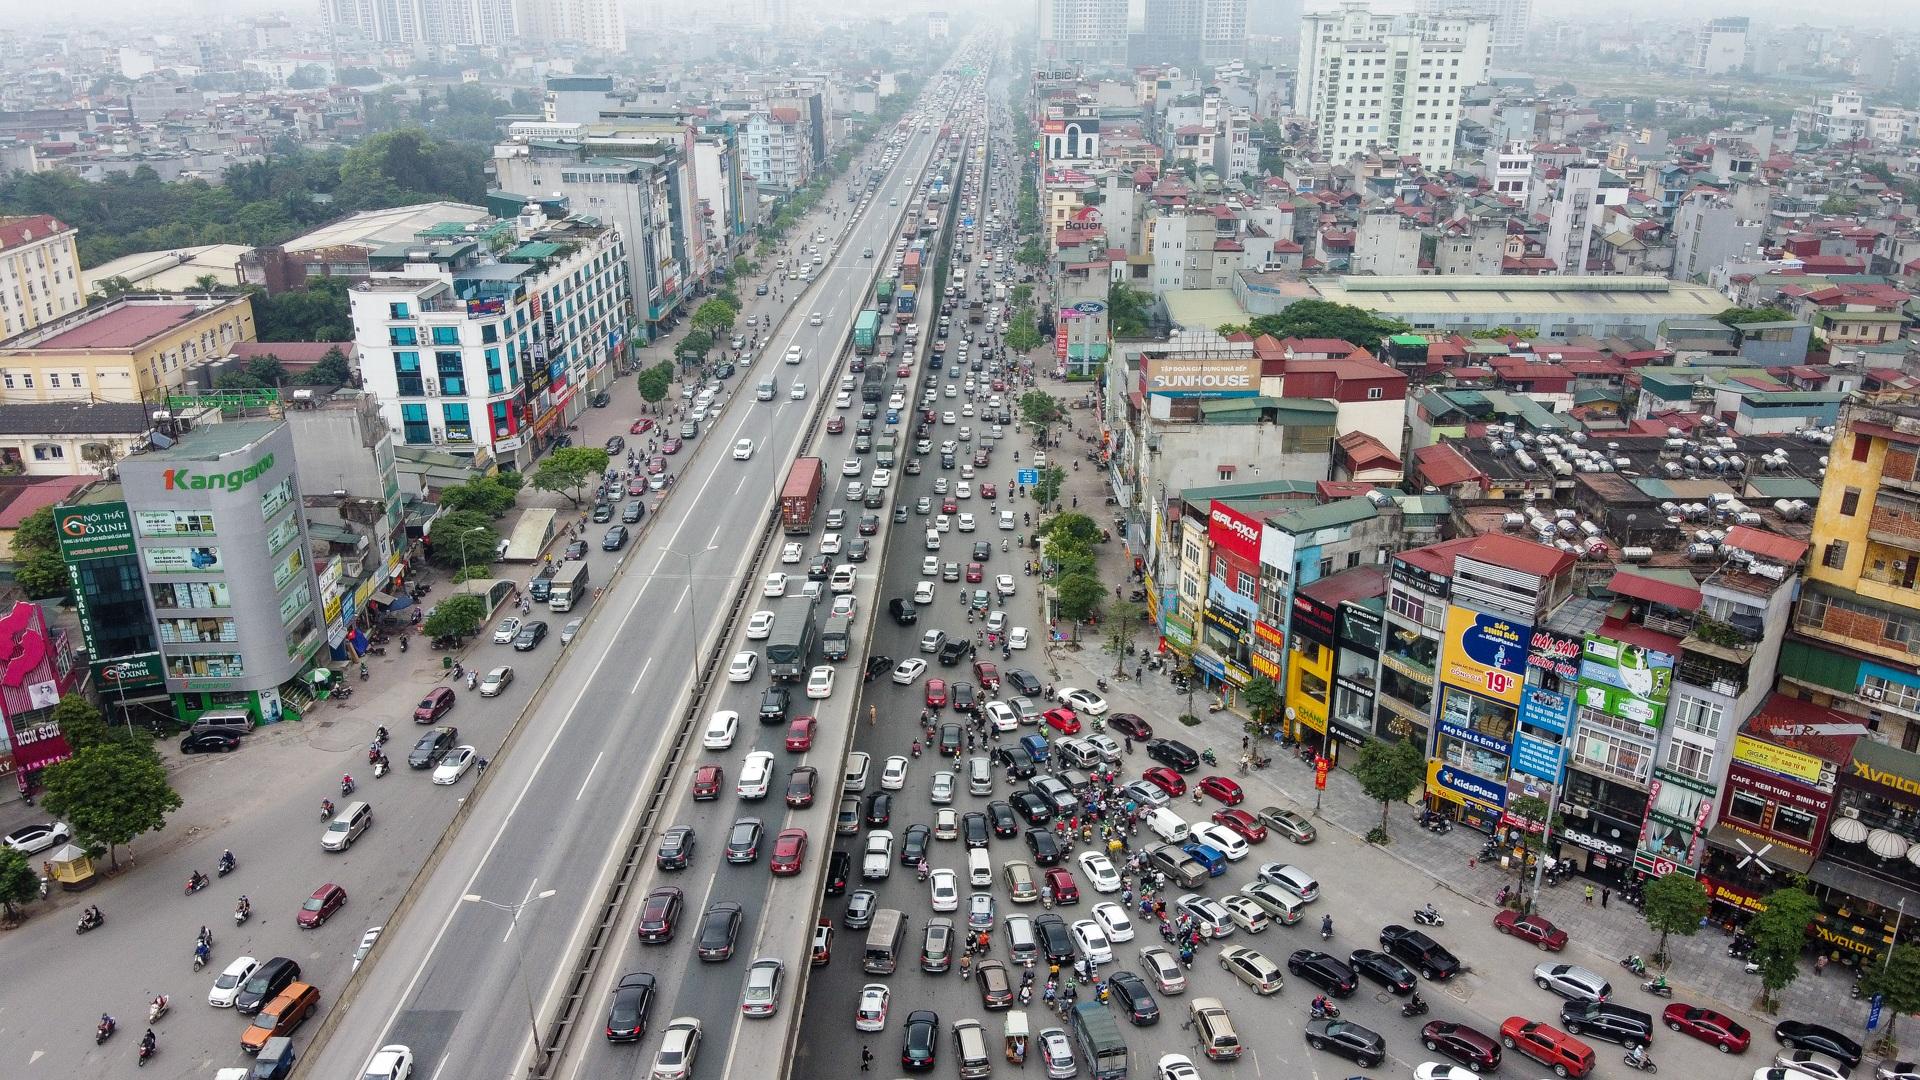 Hà Nội: Hình ảnh ô tô không lối thoát tại đường vành đai 3 trên cao - 4